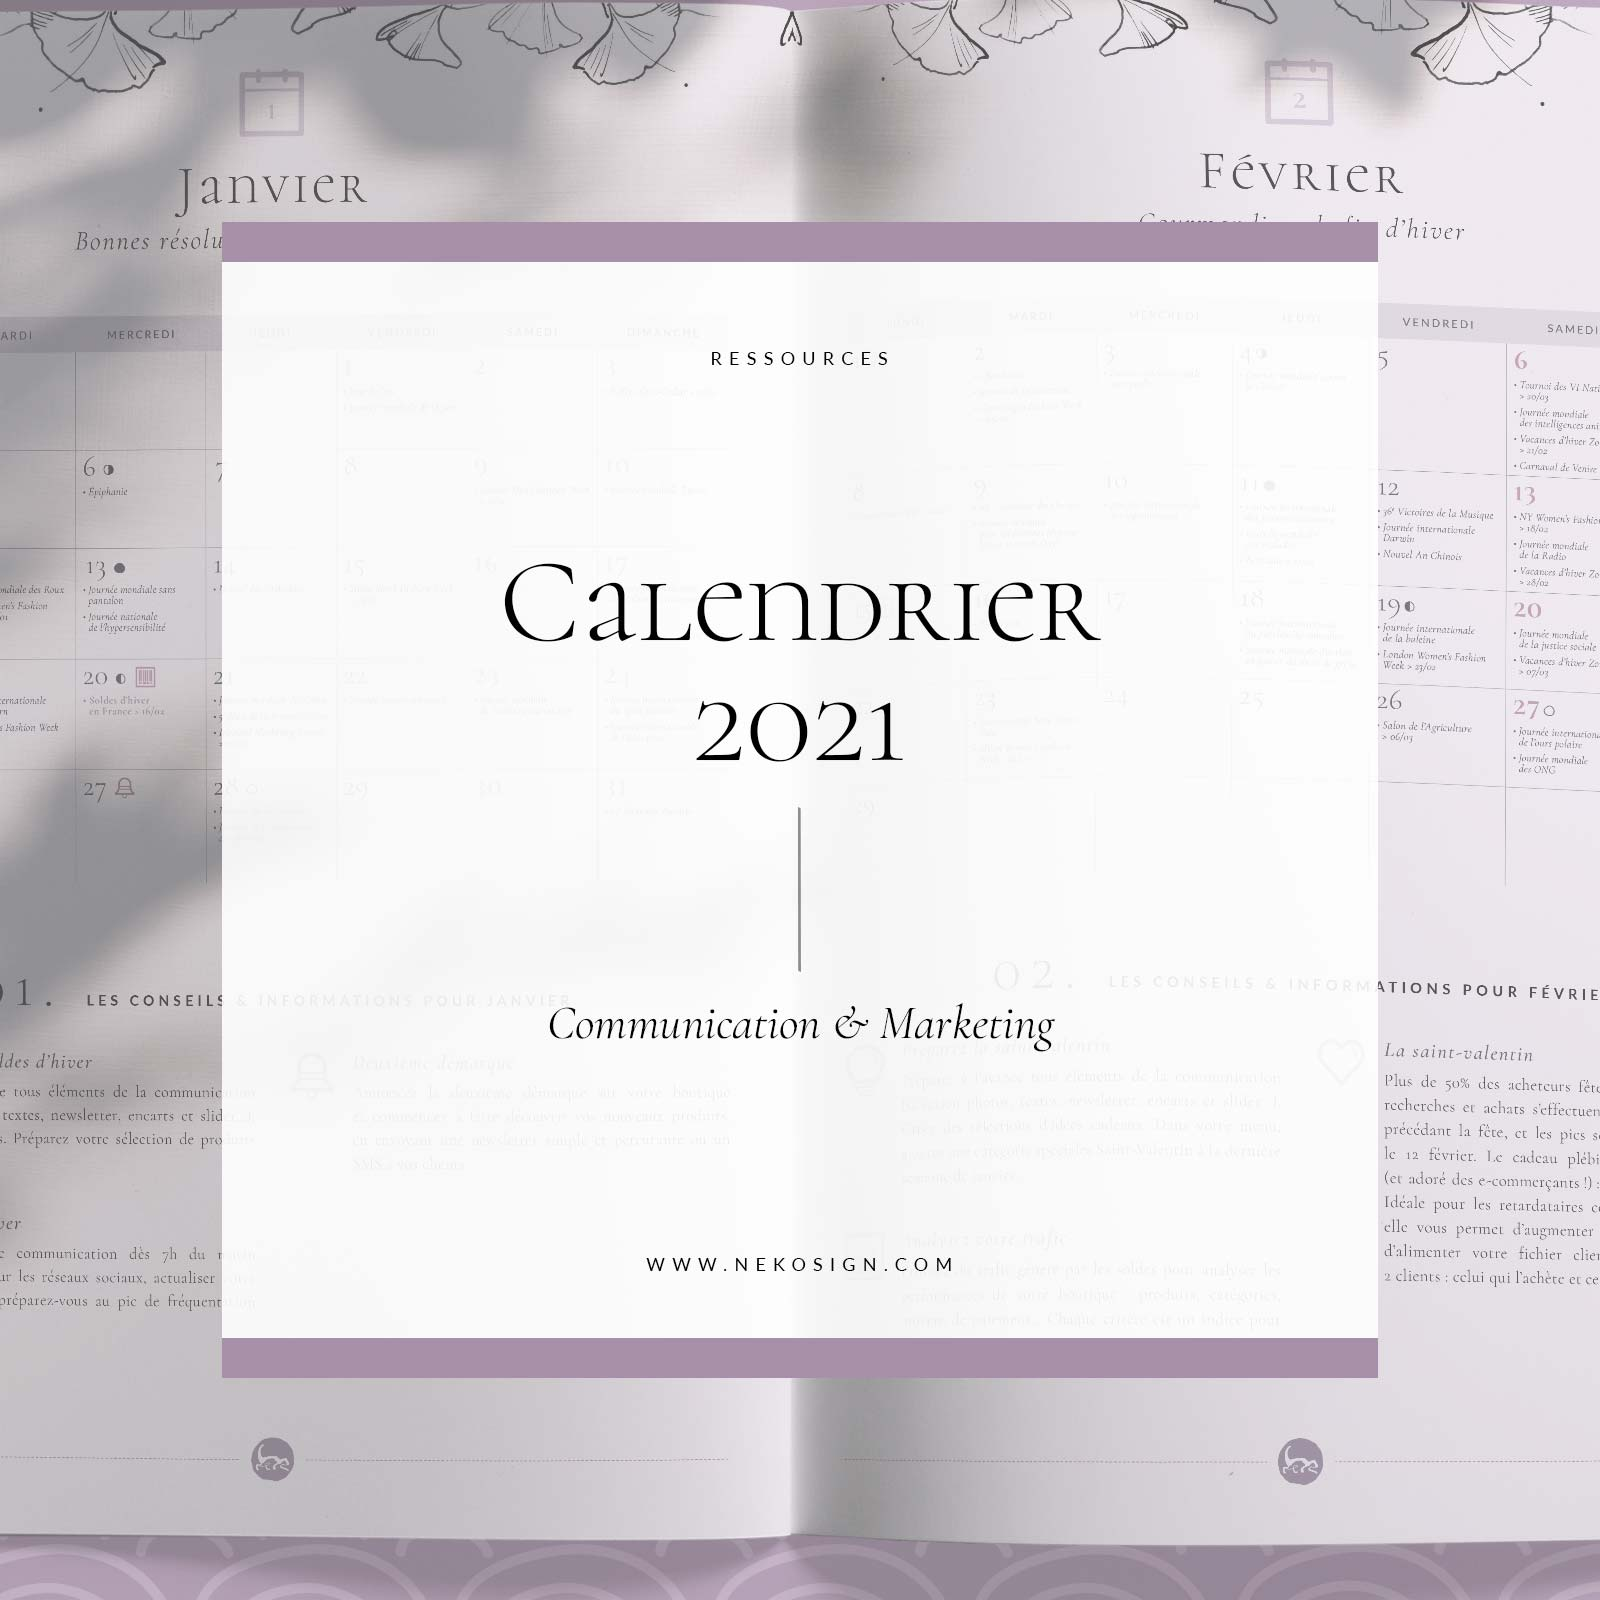 Calendrier 2021 à télécharger